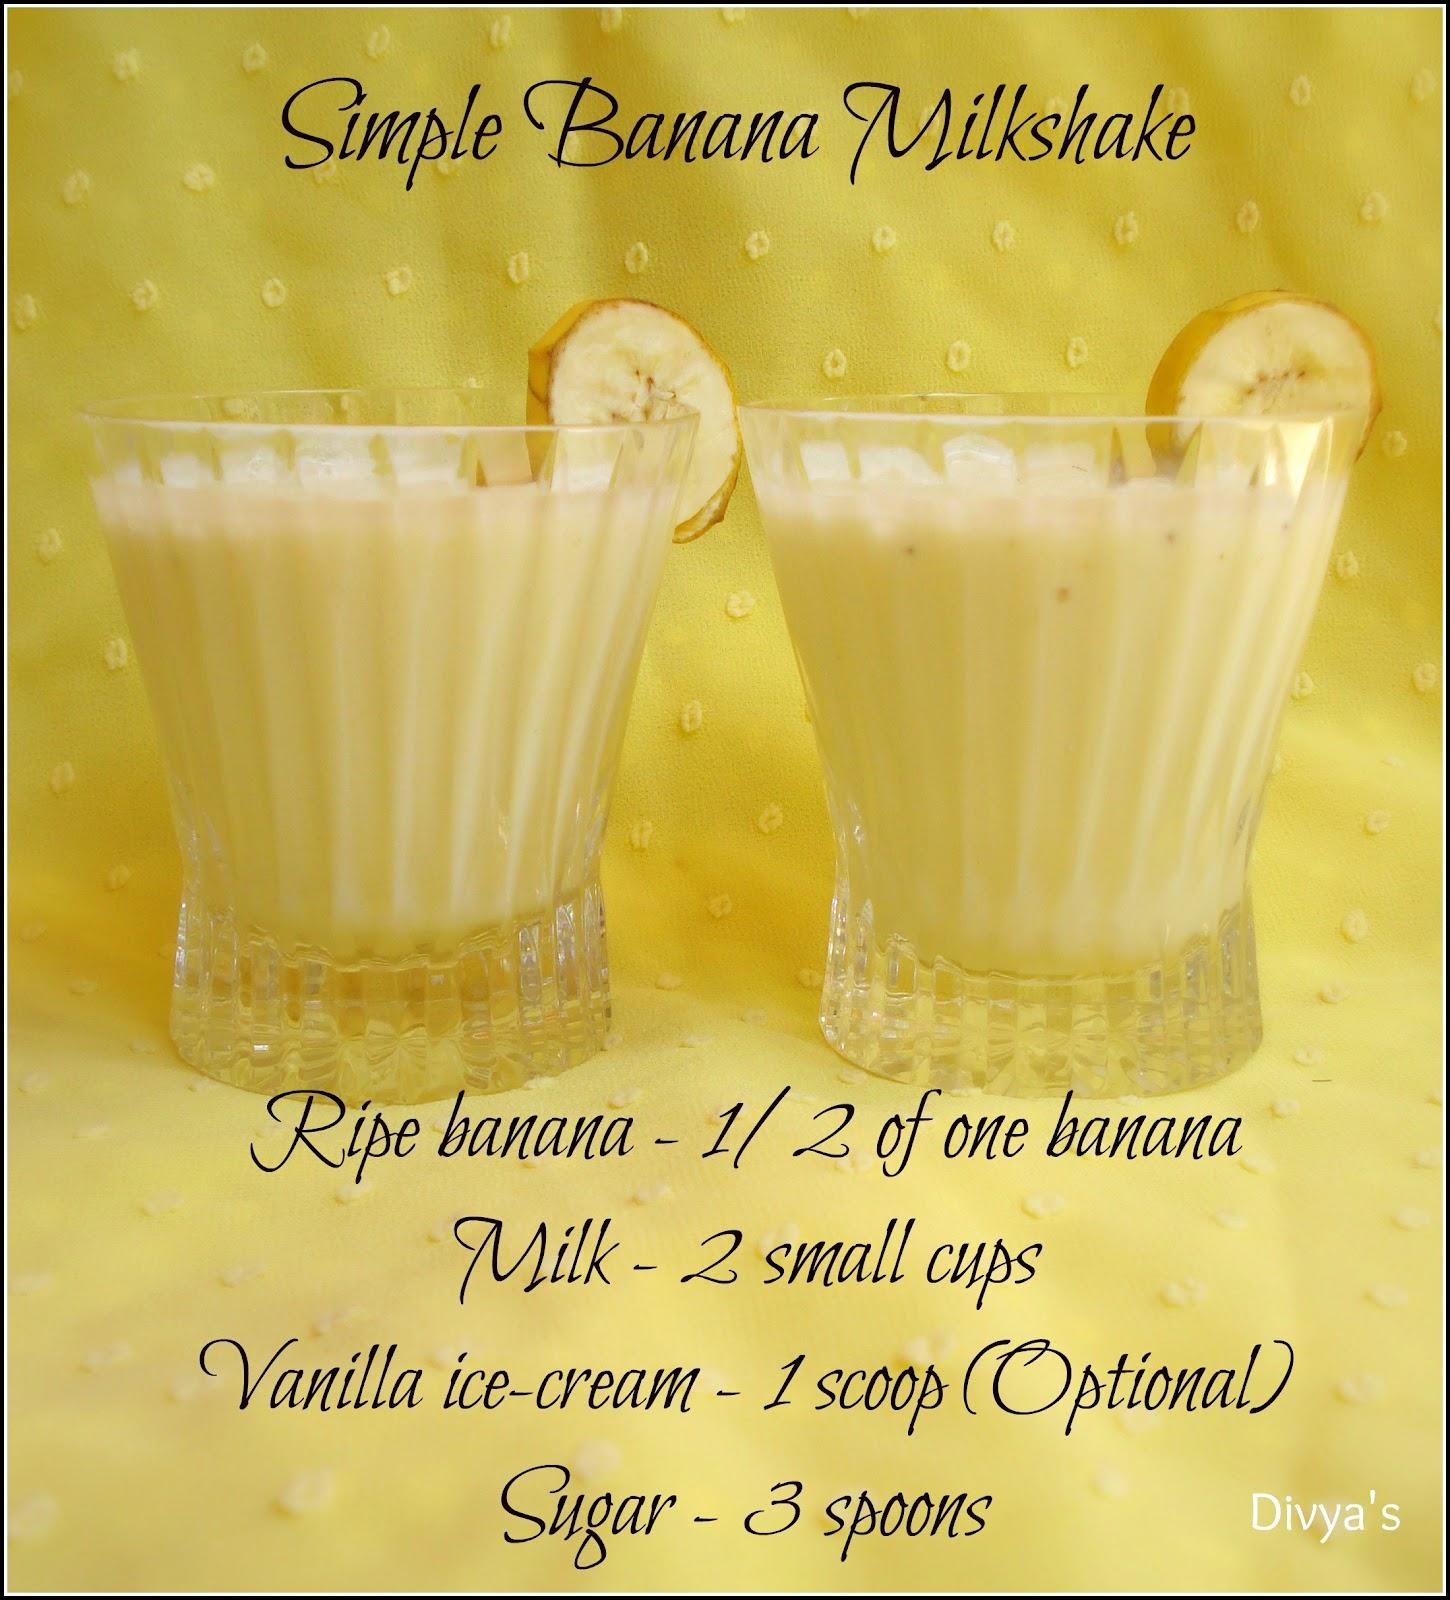 How to Make a Banana Milkshake How to Make a Banana Milkshake new picture